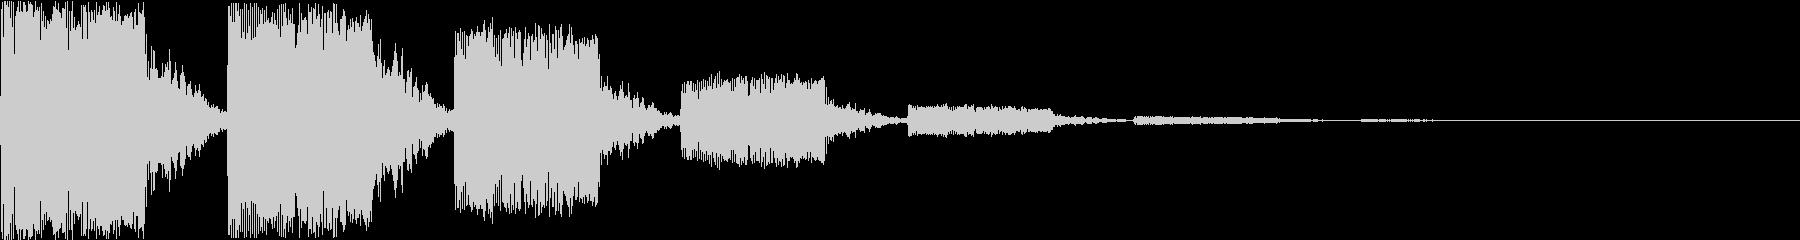 キュイーン:レトロなワープ音・瞬間移動の未再生の波形